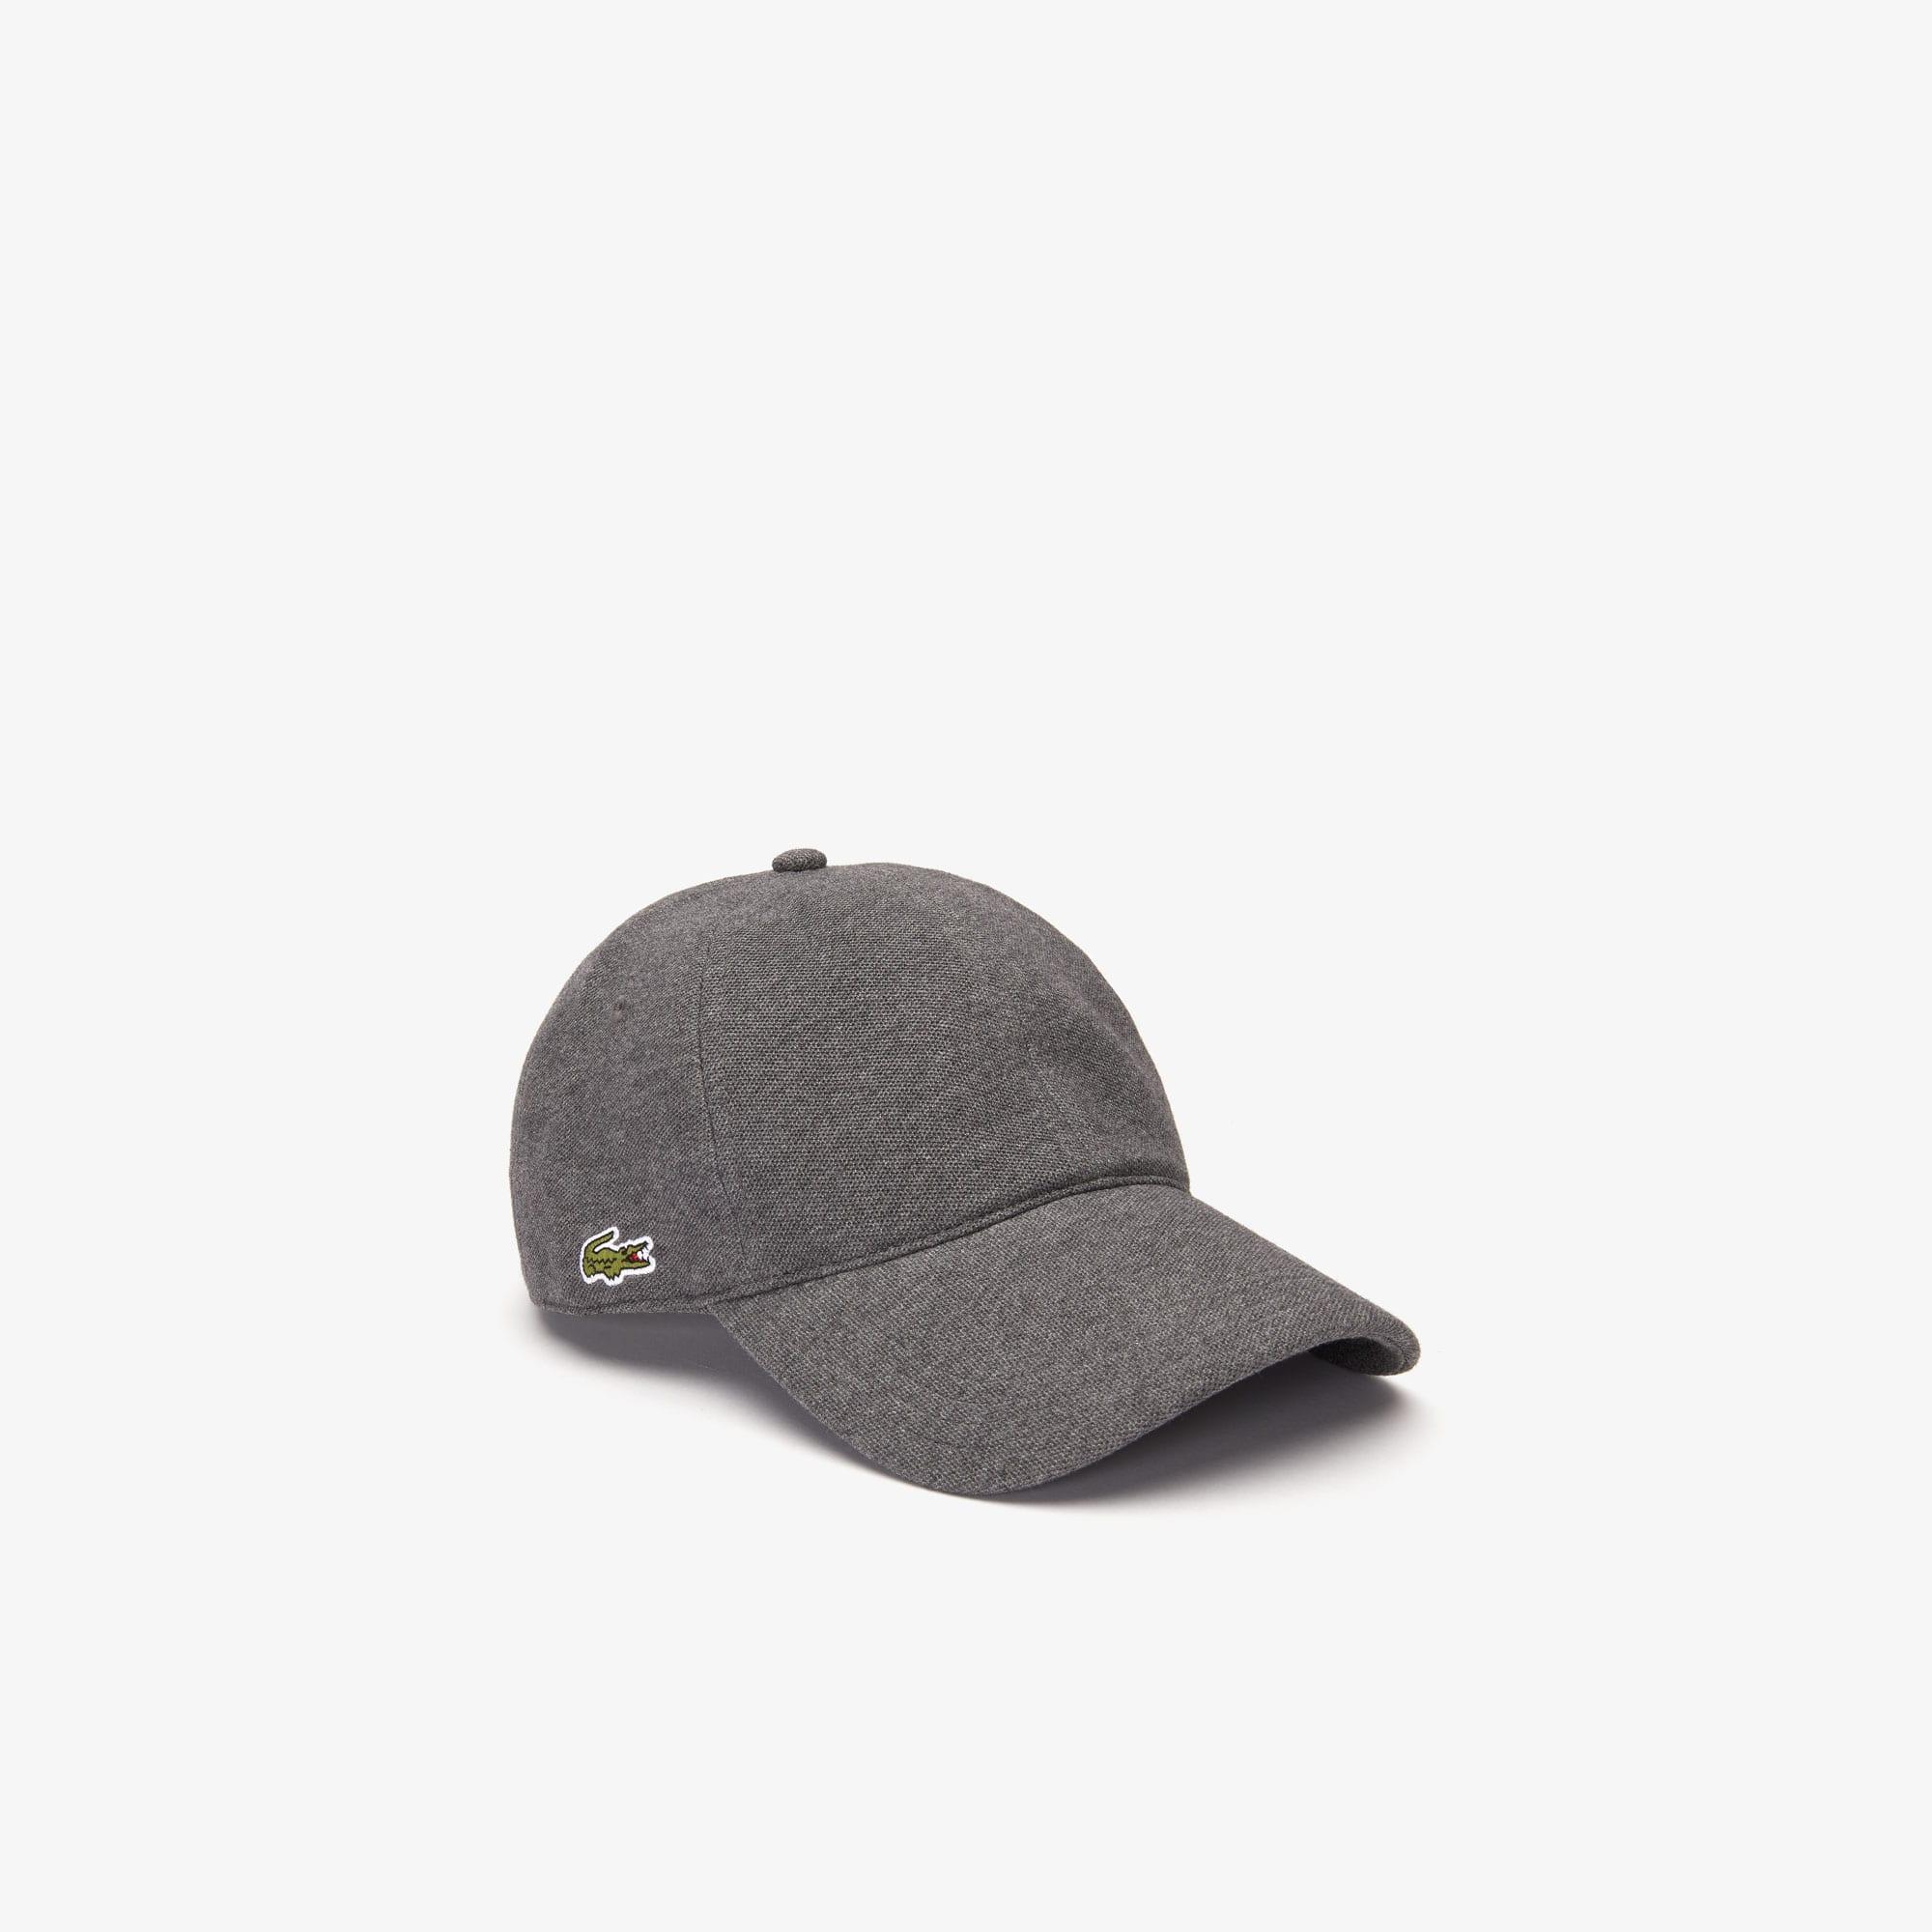 933a920e1 Men's Caps and Hats | Men's Accessories | LACOSTE